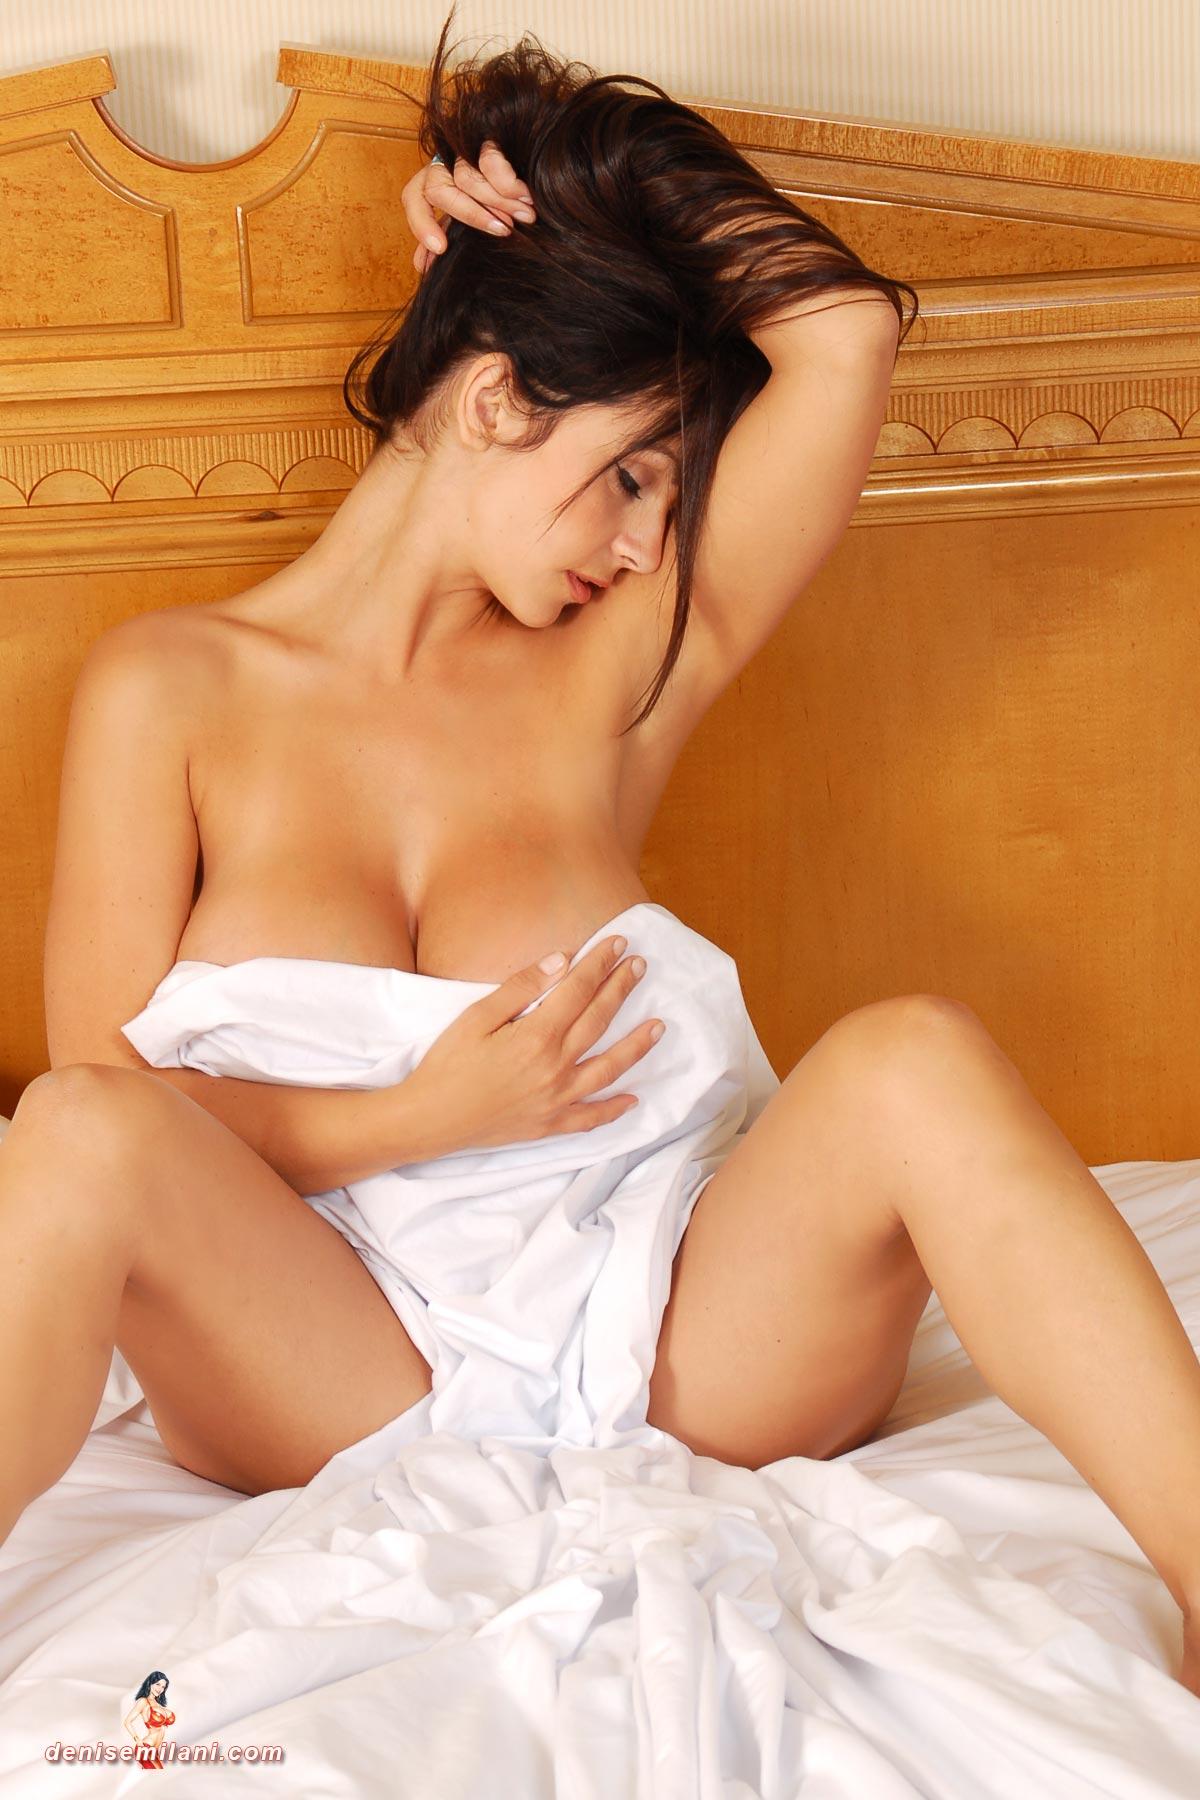 nackte-maedchen-auf-weissen-lakenbildern-sex-tuben-mexikanische